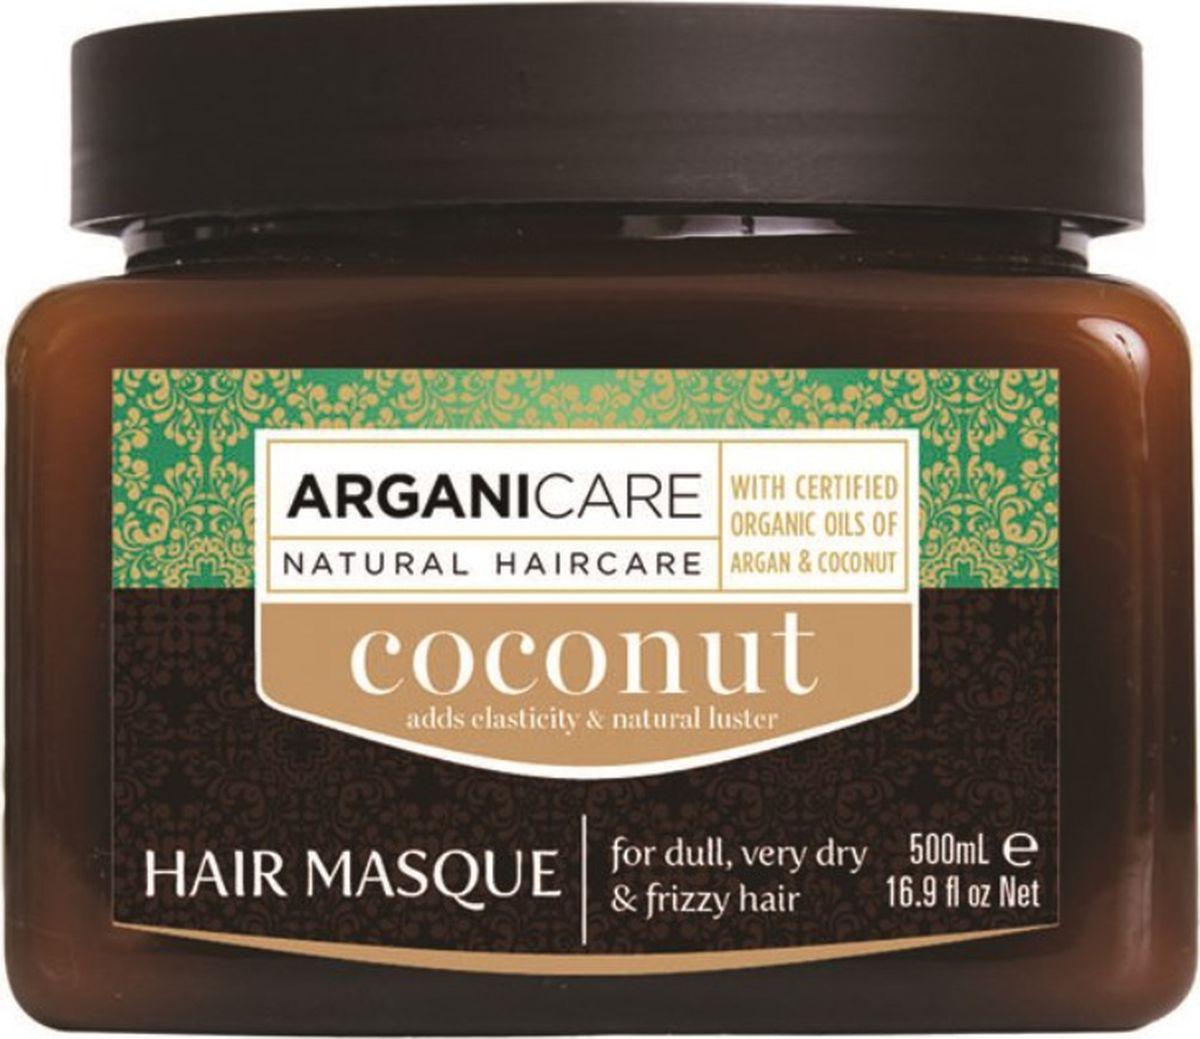 Arganicare Кокосовая маска для тусклых, очень сухих и вьющихся волос Arganicare, 500 мл2000000008752Для быстрого восстановления обезвоженных и поврежденных волос, которые часто подвергаются химическому или термо- разрушающему воздействию.- жирная питательная маска длительного действия для восстановления волос всех типов, особенно слабых, ломких и сухих;- волосы сразу же обретают блеск и ухоженный вид, легко укладываются и не электризуются;- при регулярном использовании волосы снова полны сияния, эластичности и упругости.